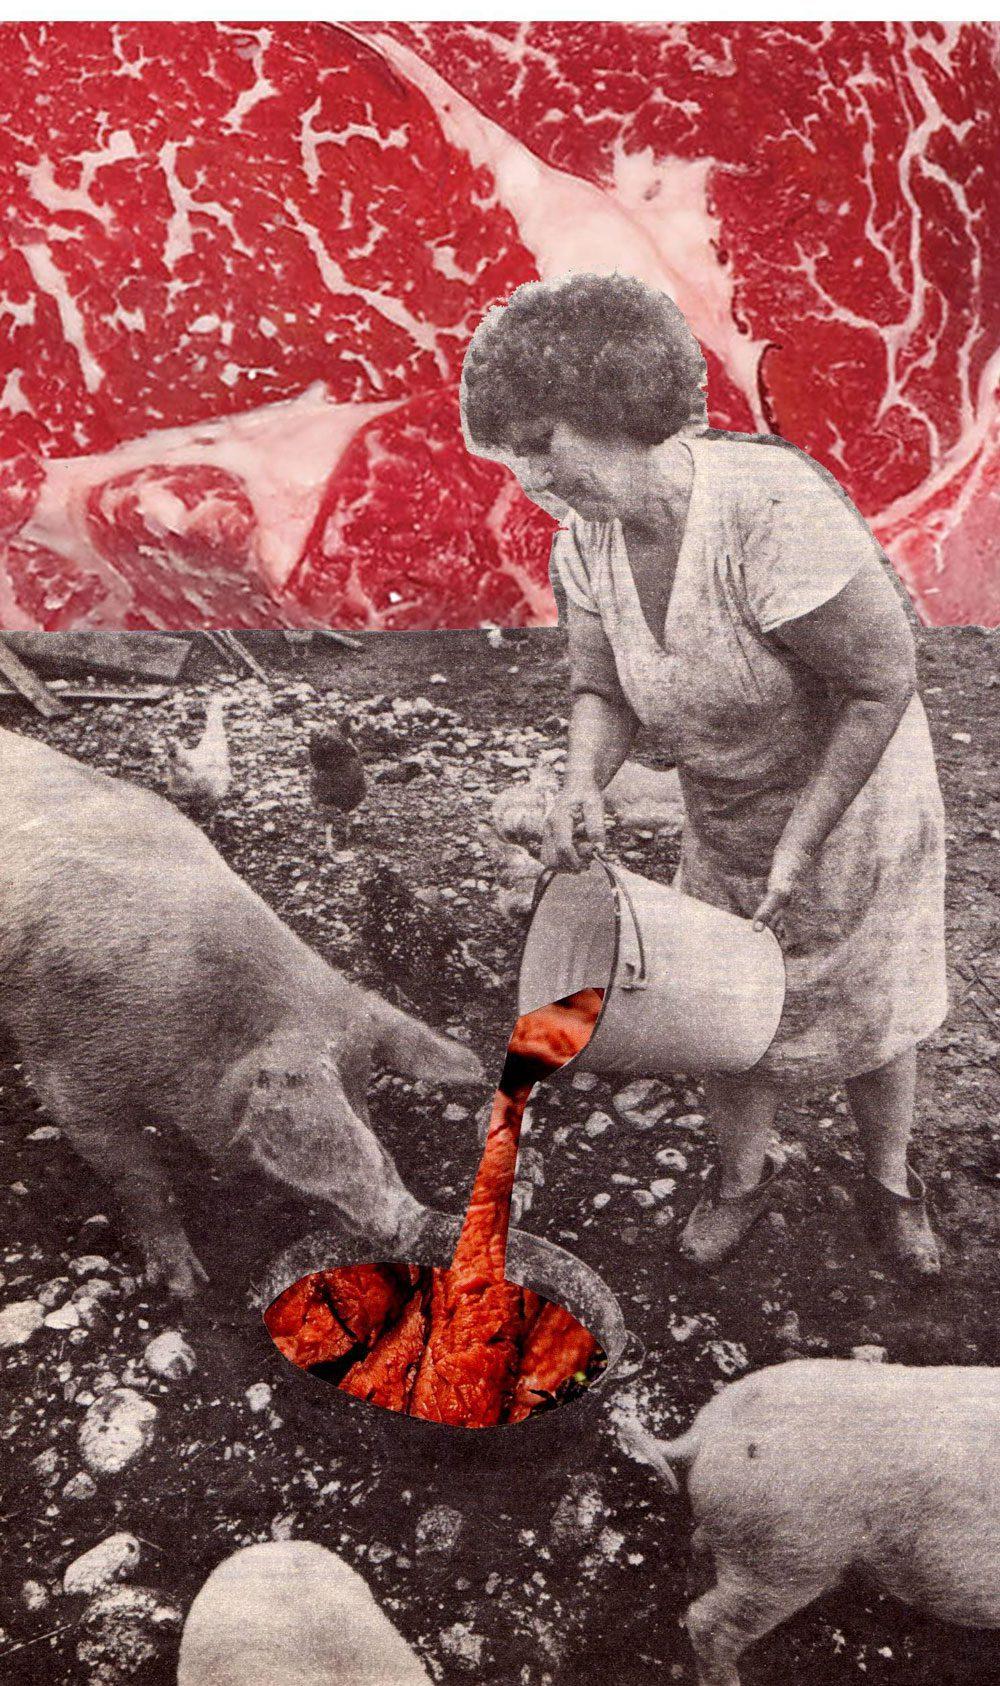 002 3 irinavale - Колхозниці у Голлівуді: Ілюстраторка Ірина Вале іронізує над радянськими фото - Заборона